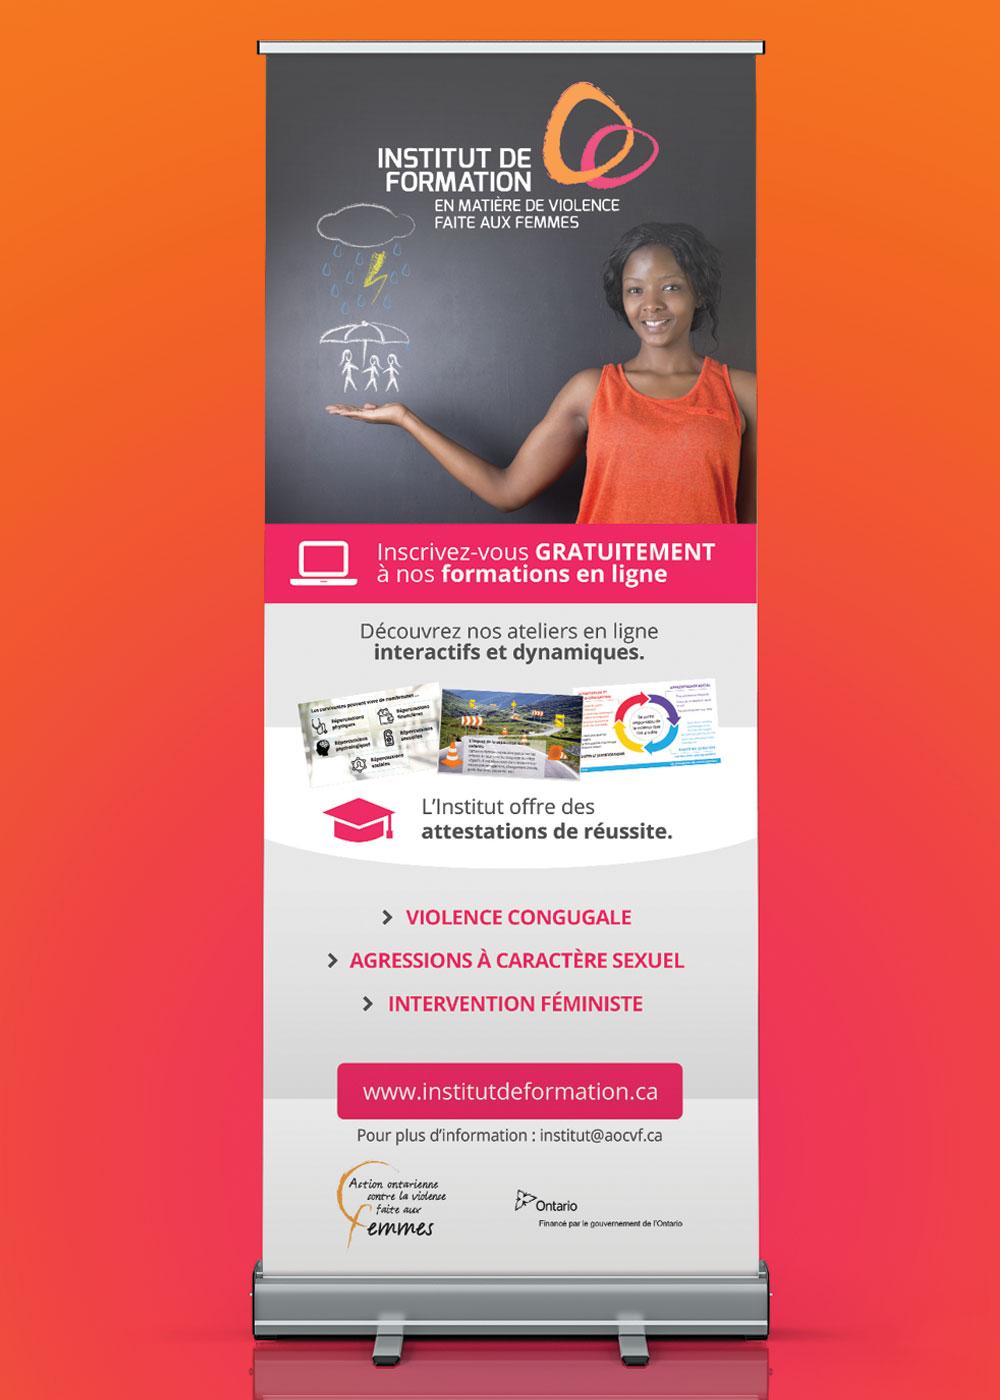 Marketing360-Institutdeformation-roll-up